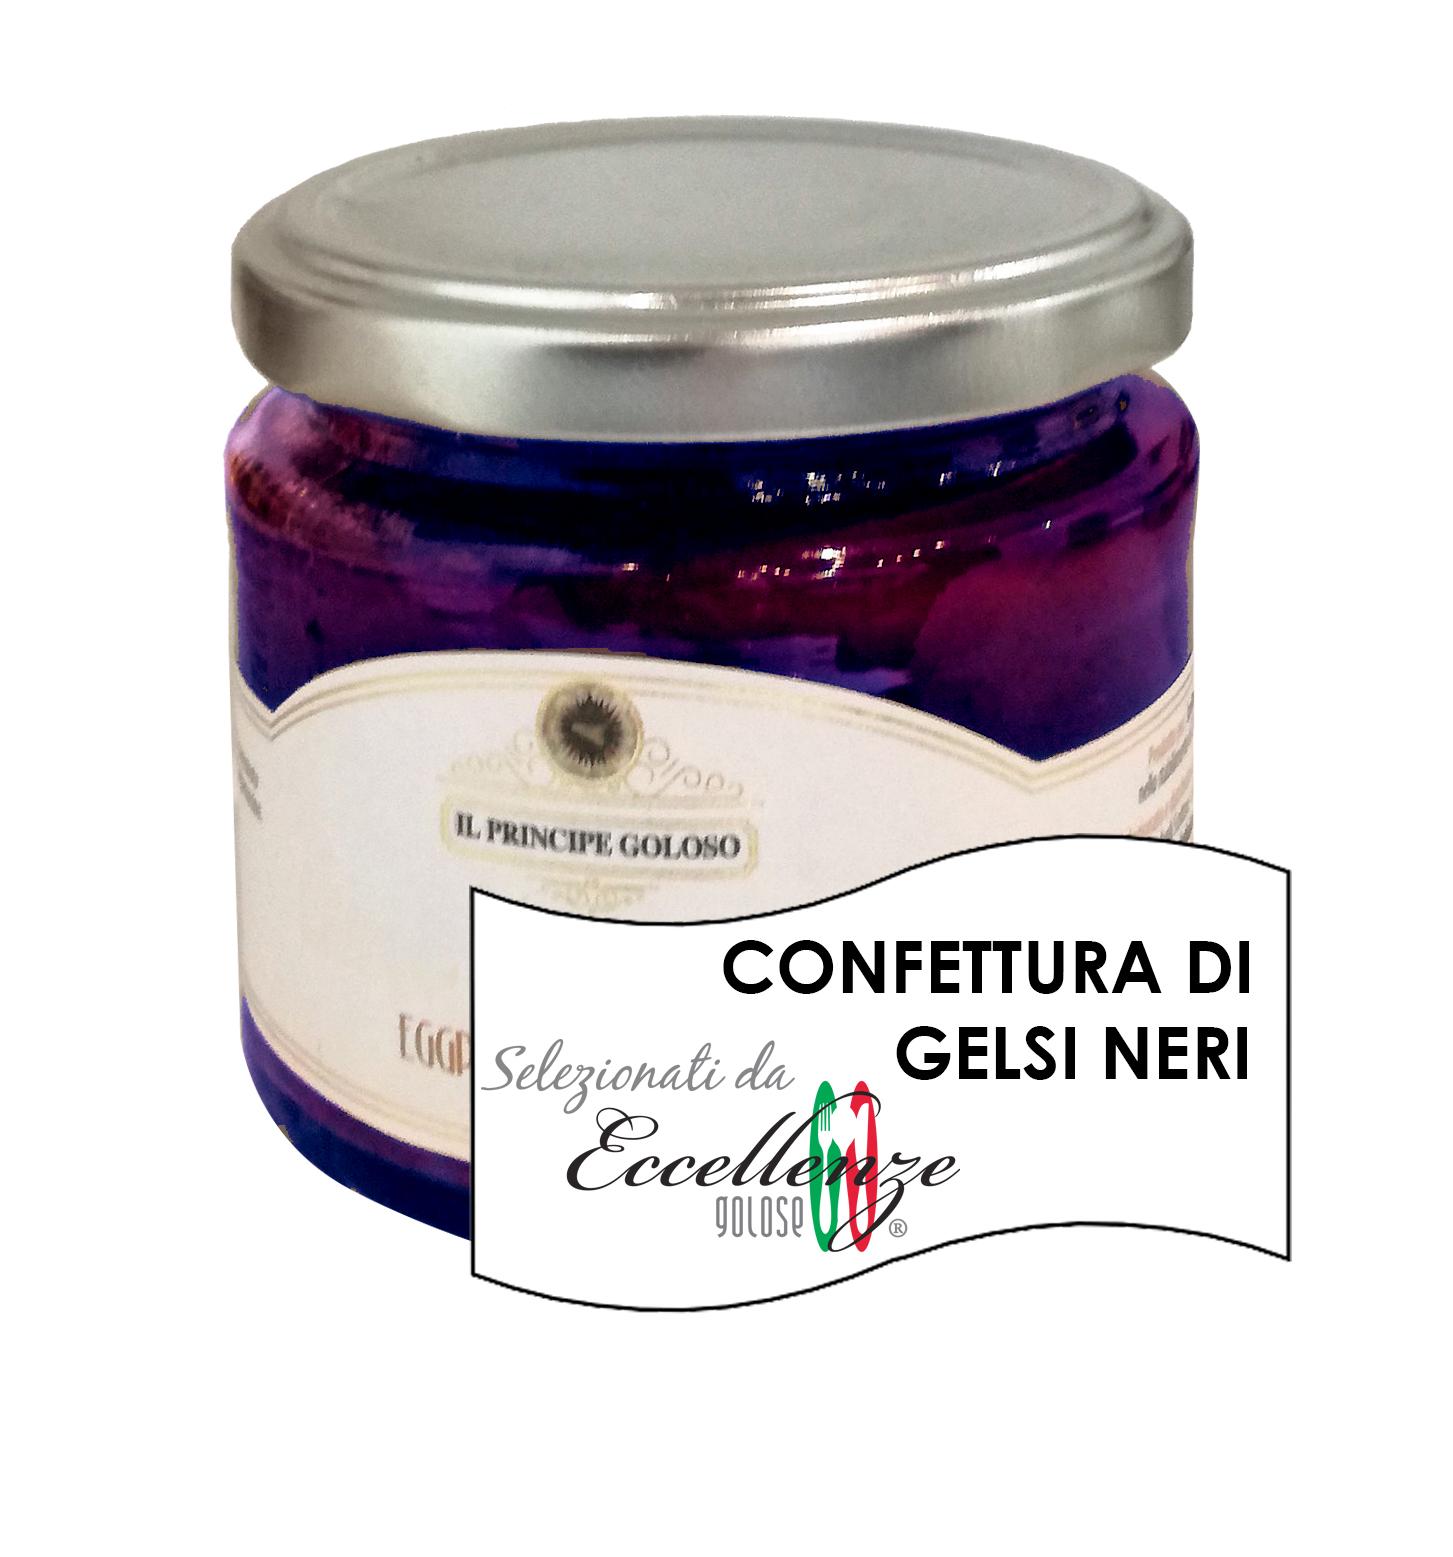 Confettura-Extra-Di-Gelsi-Neri-Eccellenze-Golose